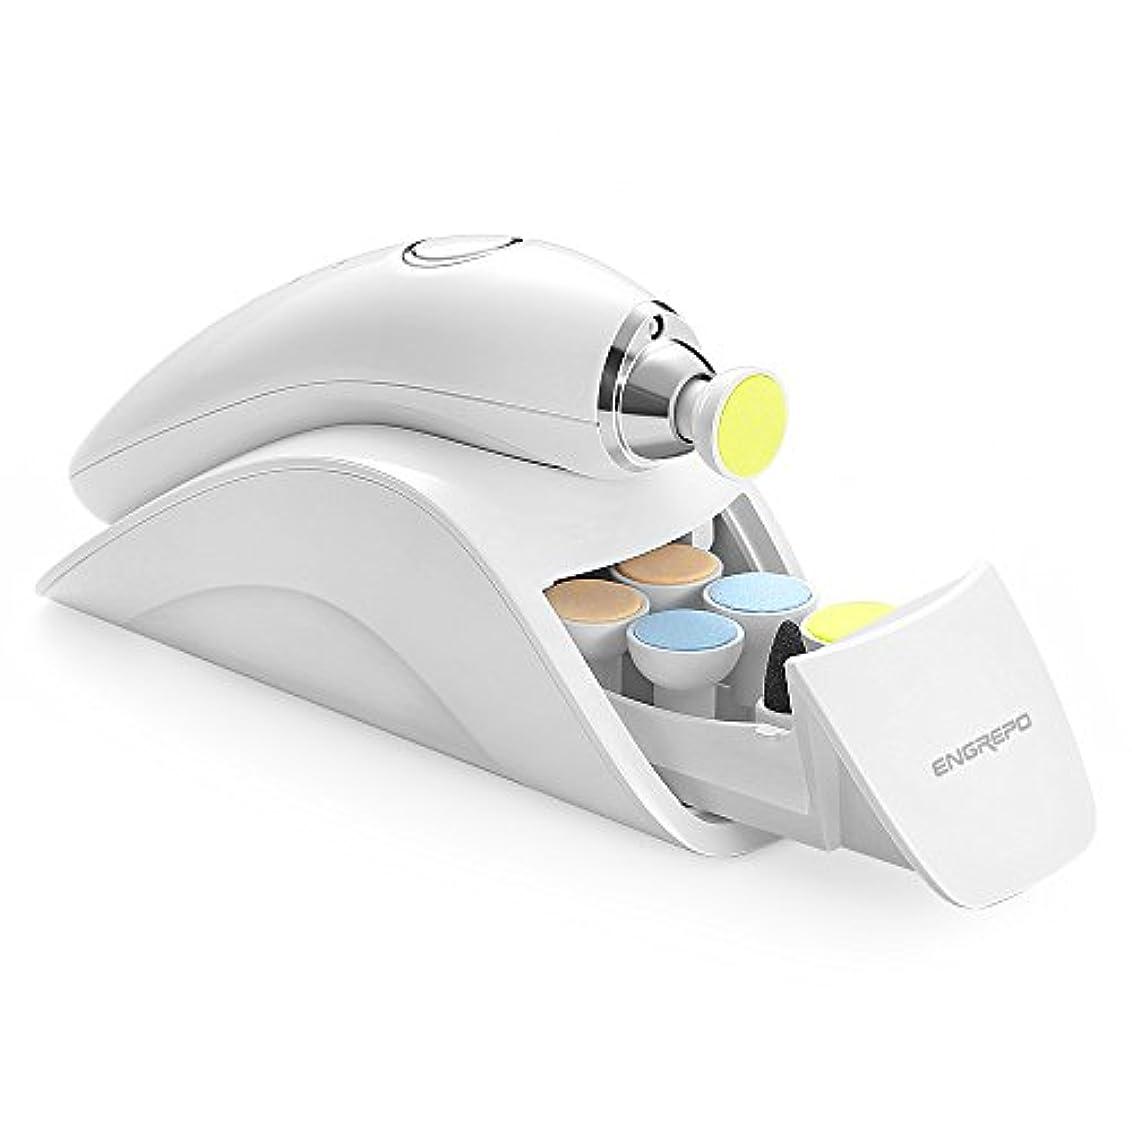 製作かけがえのない指紋ENGREPO ベビーレーベル ネイルケアセット レーベル ホワイト(新生児~対象) ママにも使えるネイルケア(4種類の磨きヘッド、超低デシベル、3速ギア、LEDフィルインライト)円弧充電ベース隠し収納ボックス付き